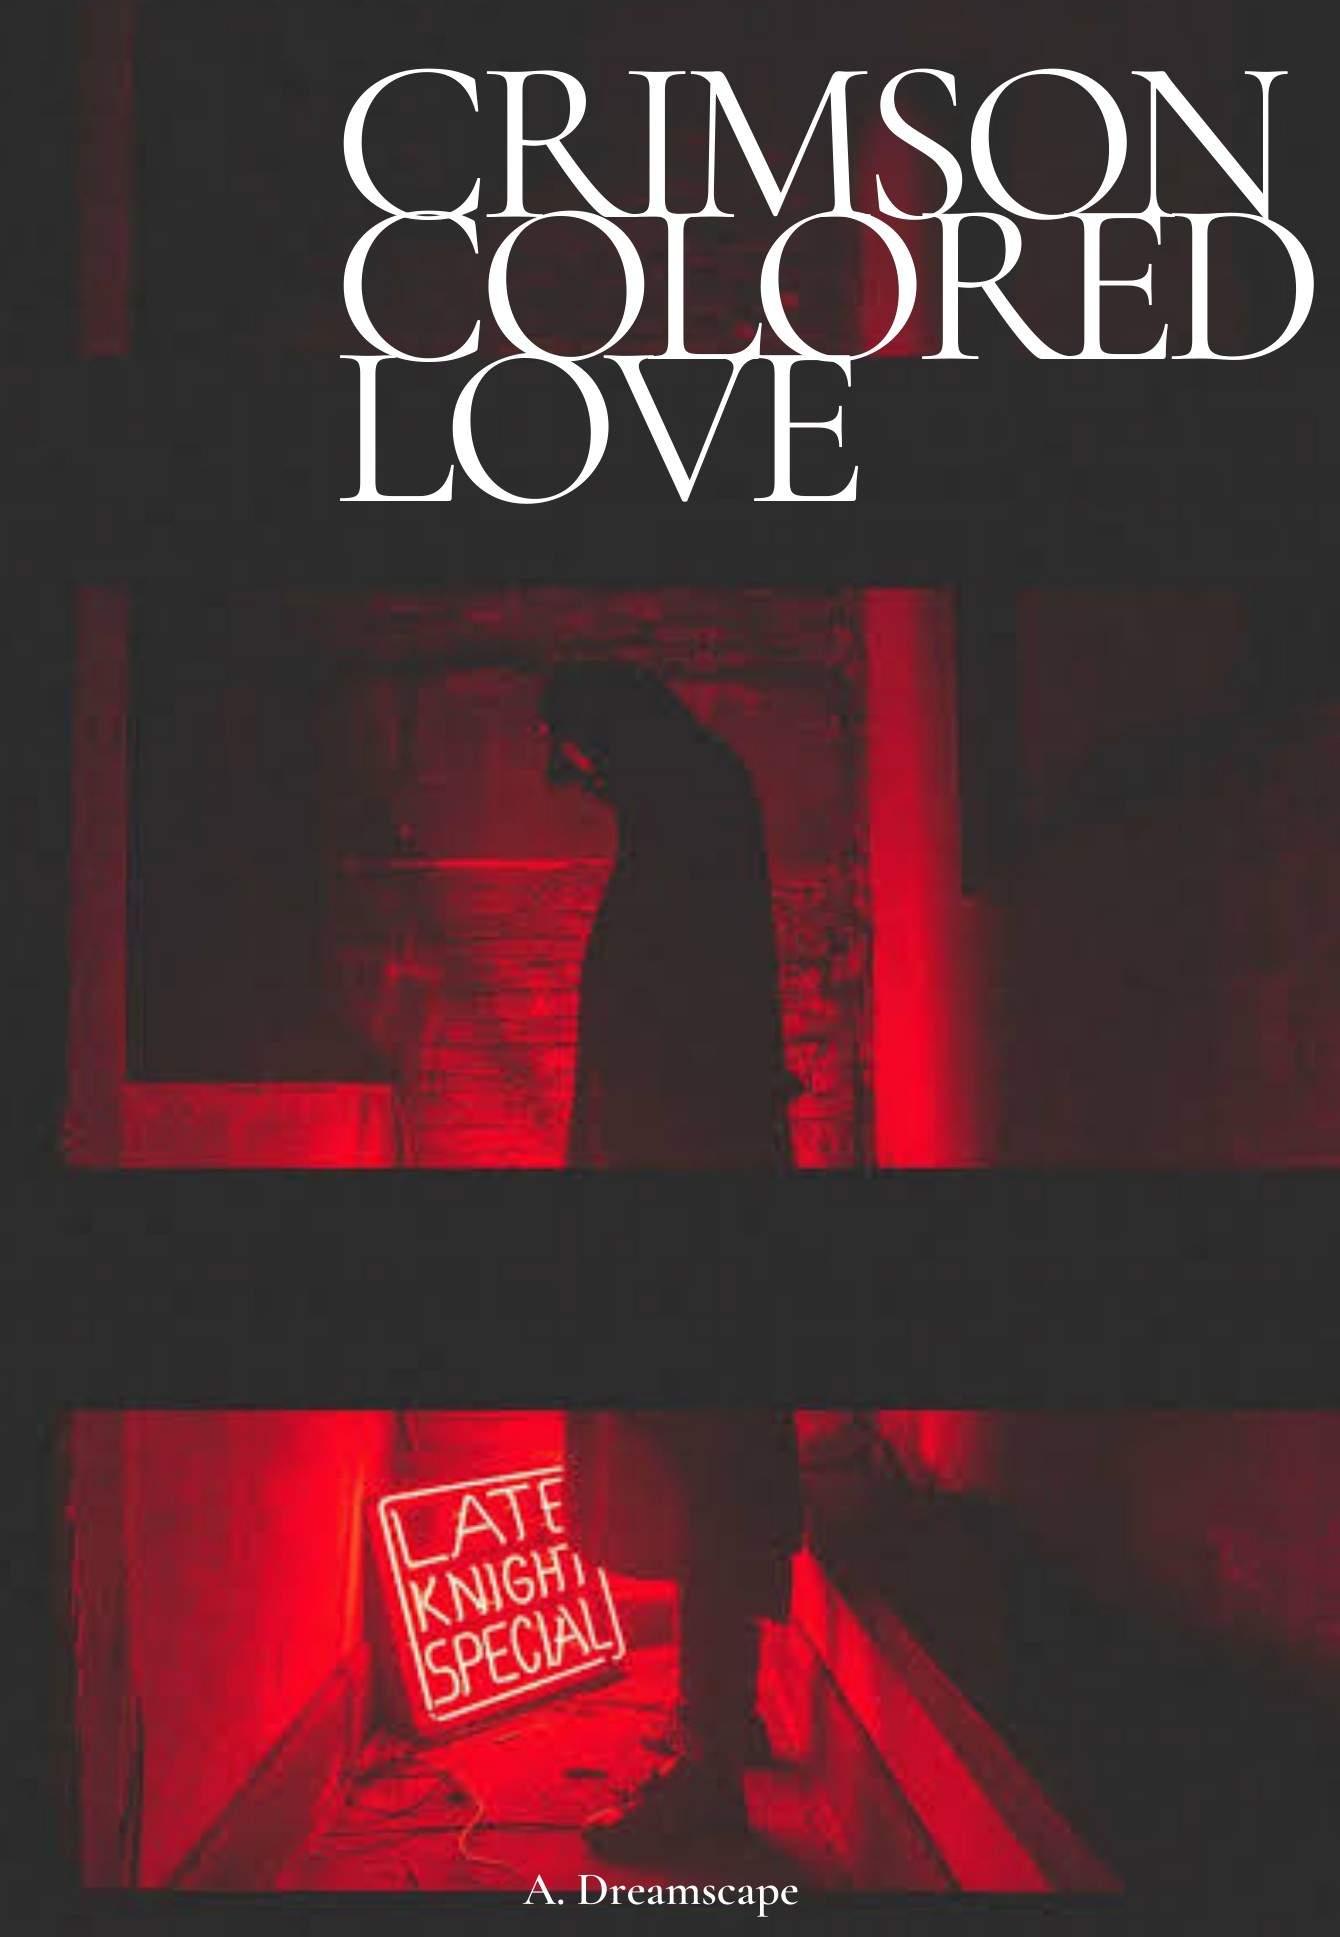 Crimson colored love